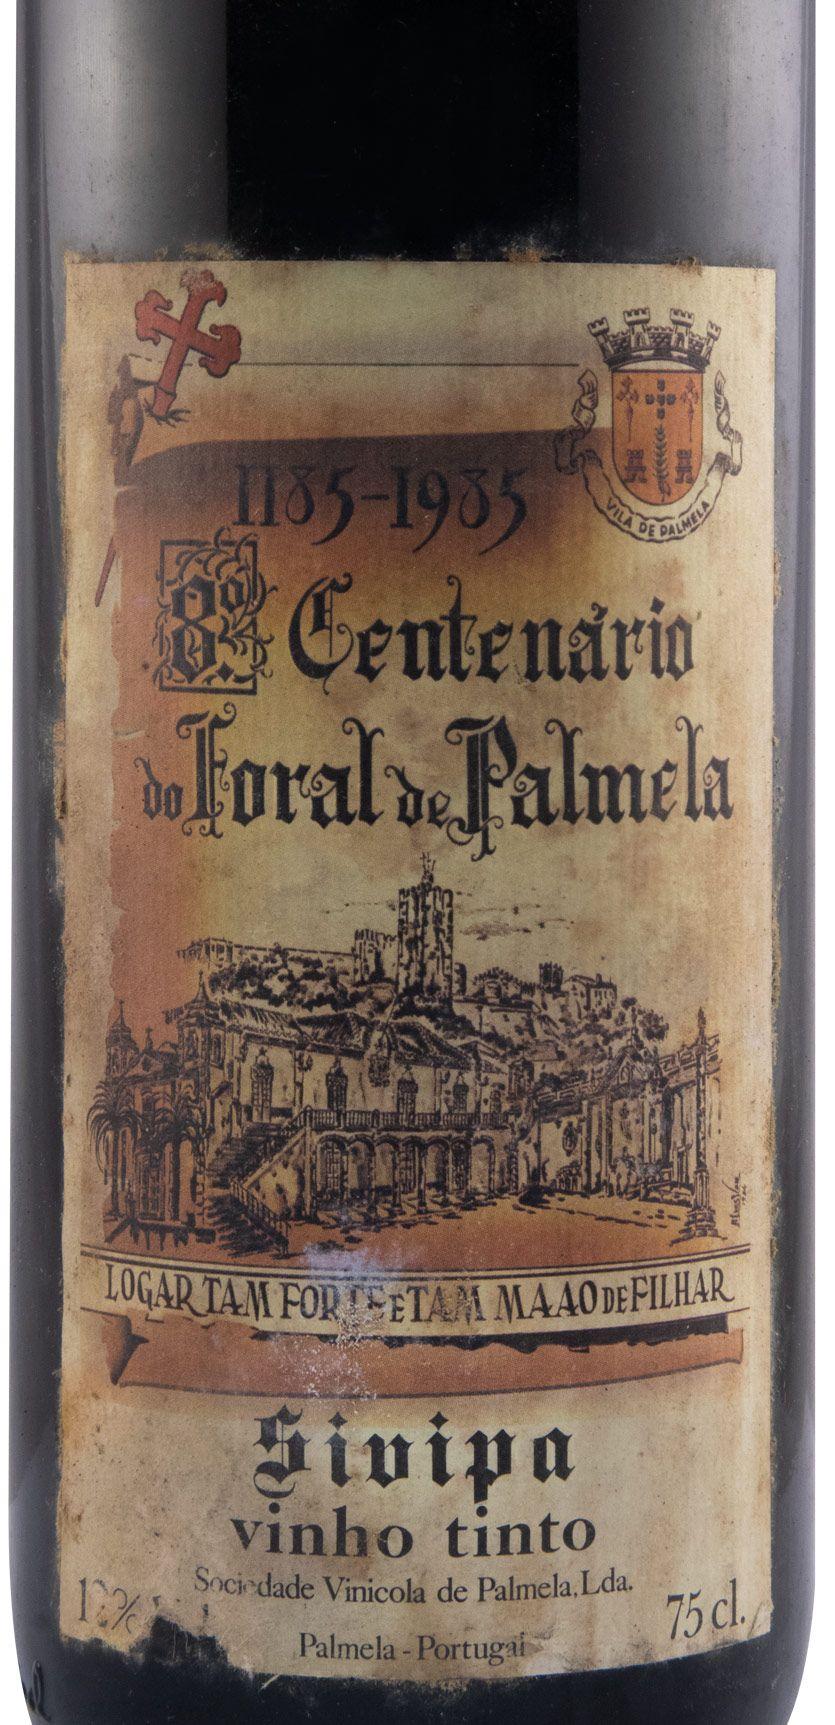 Centenário do Foral de Palmela (1185-1985) red